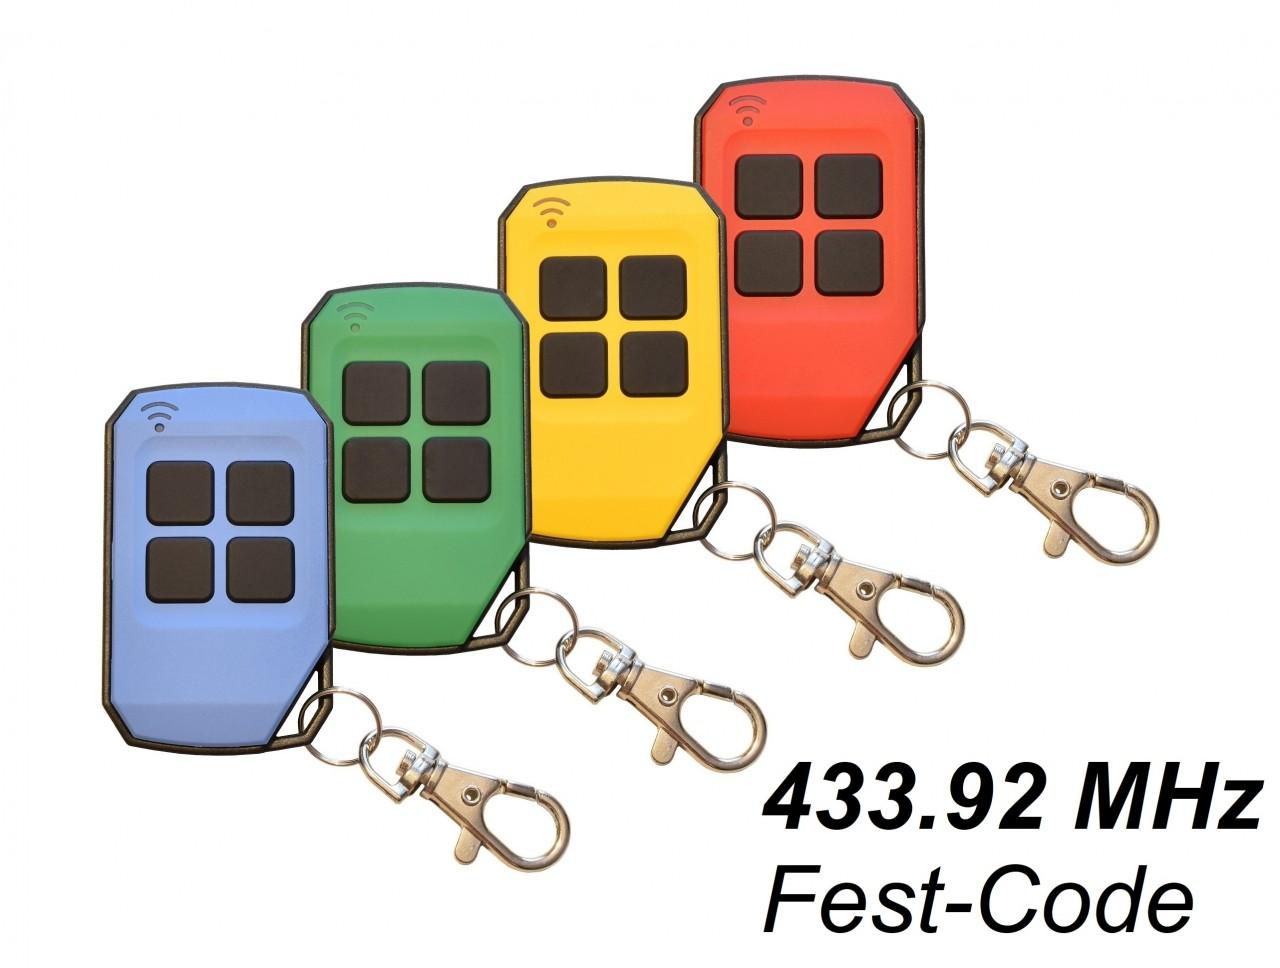 Handsender für Nice 433,92 MHz in 4 Farben